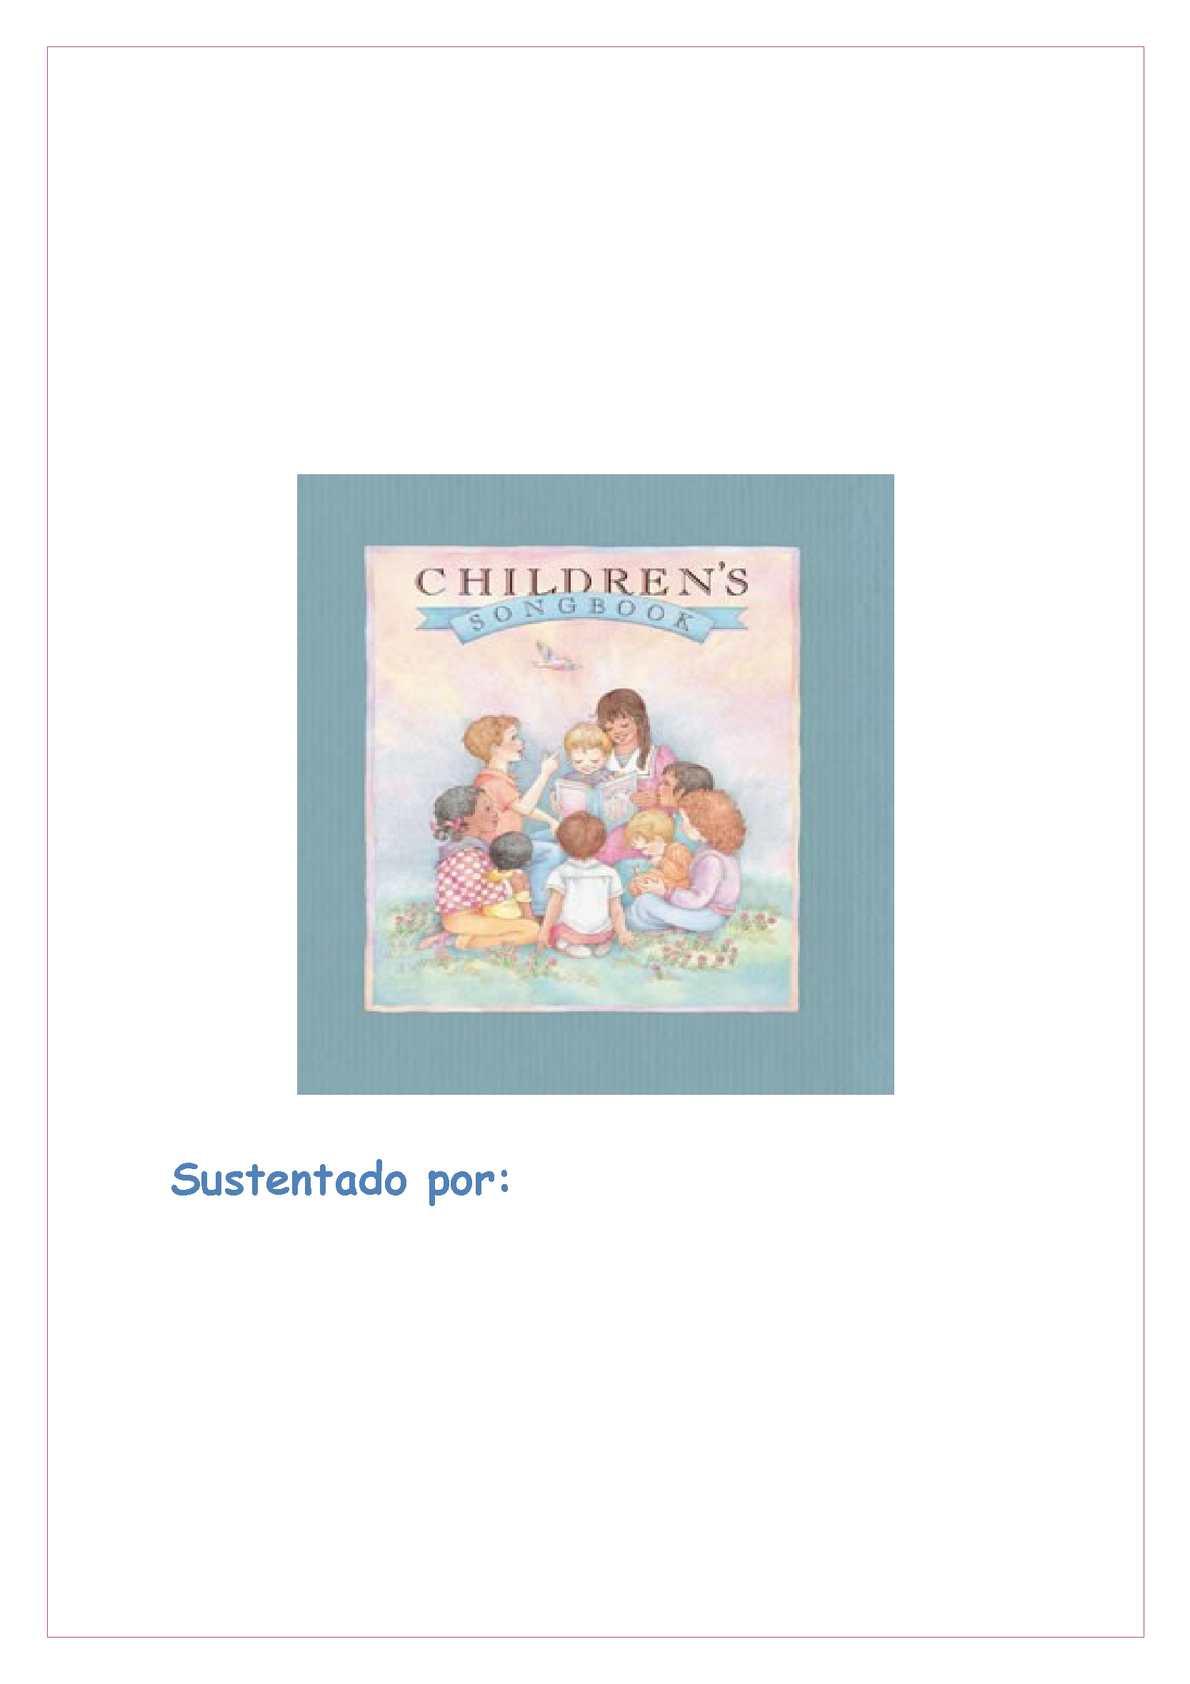 Mi primer libro de canciones infantiles